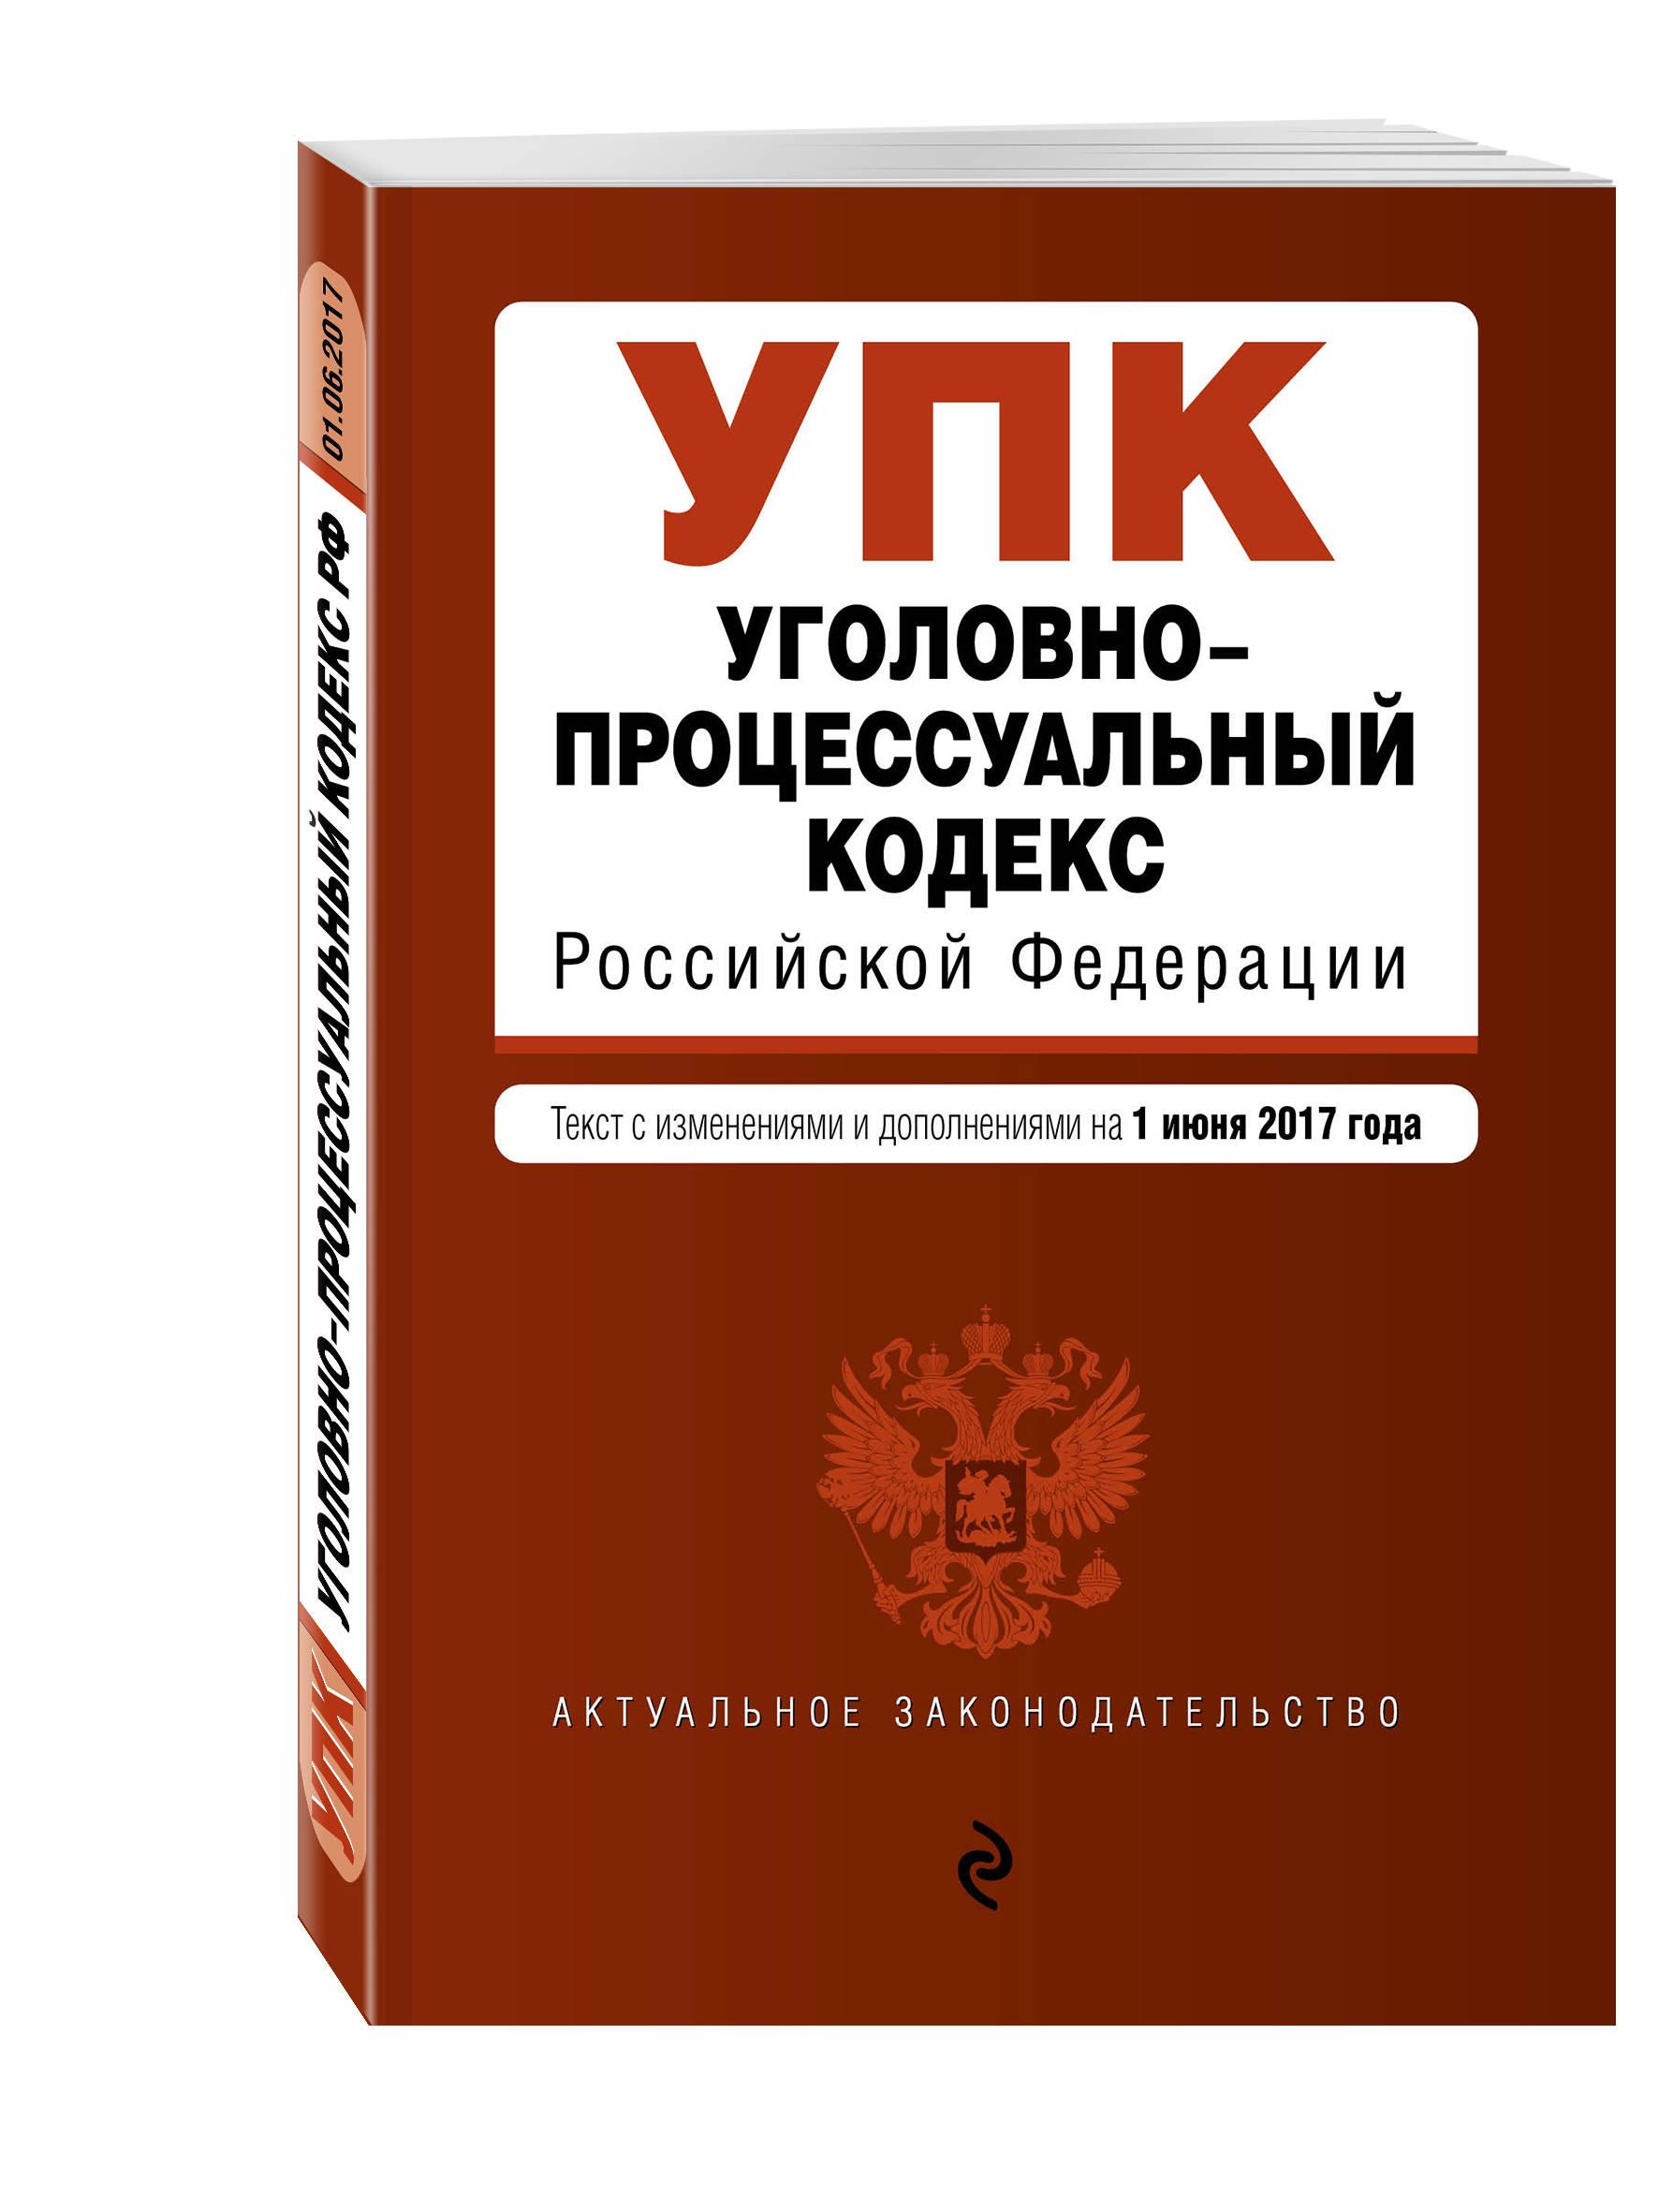 Уголовно-процессуальный кодекс Российской Федерации : текст с изм. и доп. на 1 июня 2017 г.